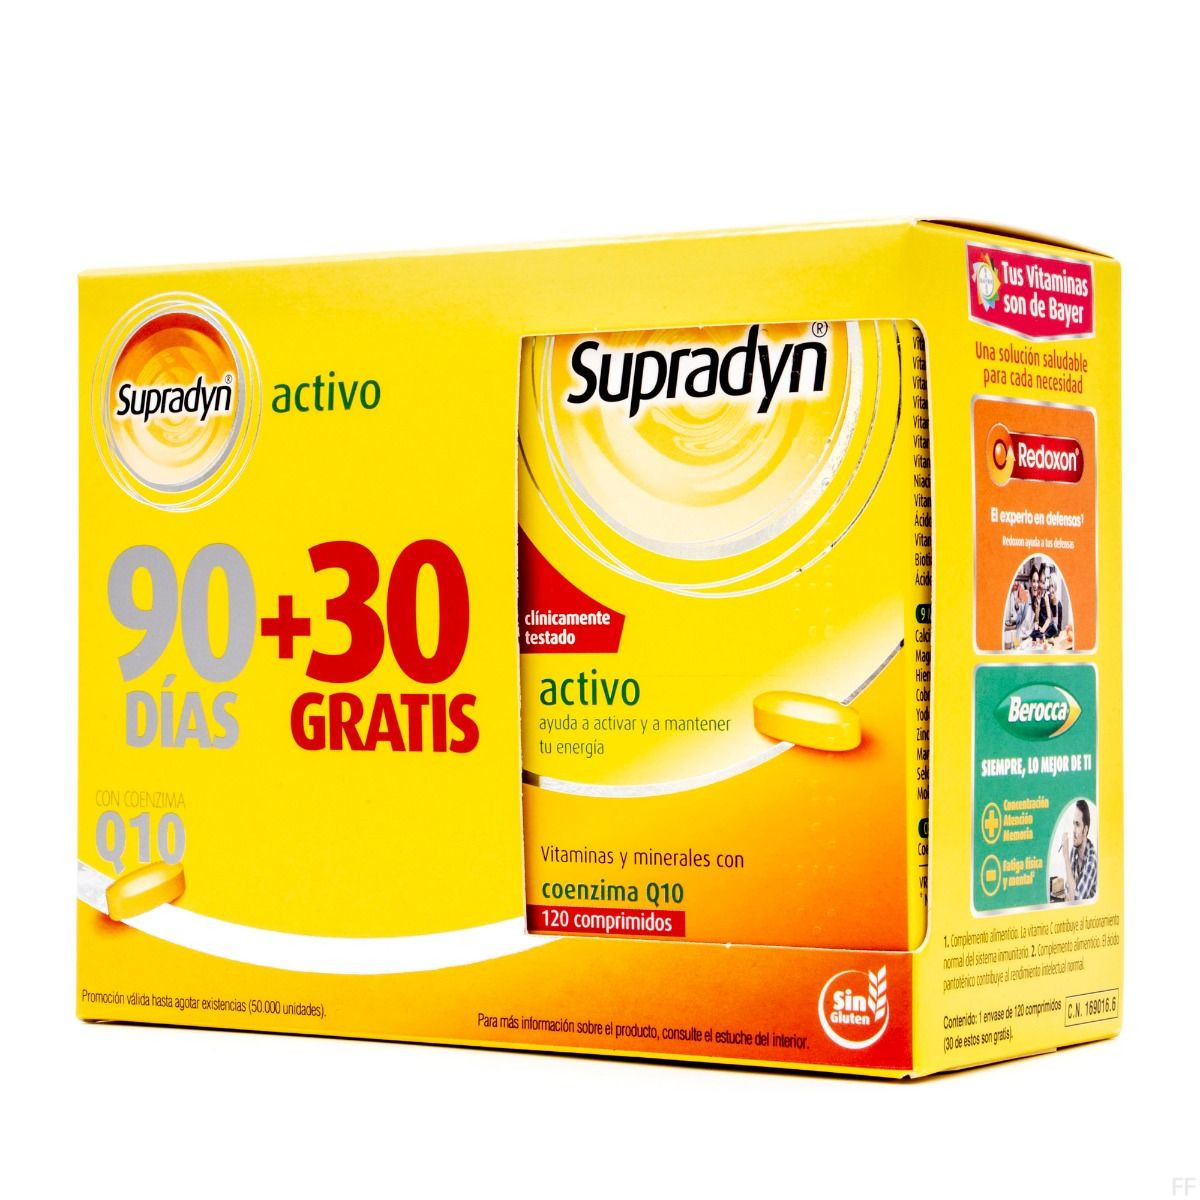 Supradyn Activo 90 comprimidos + GRATIS 30 comprimidos